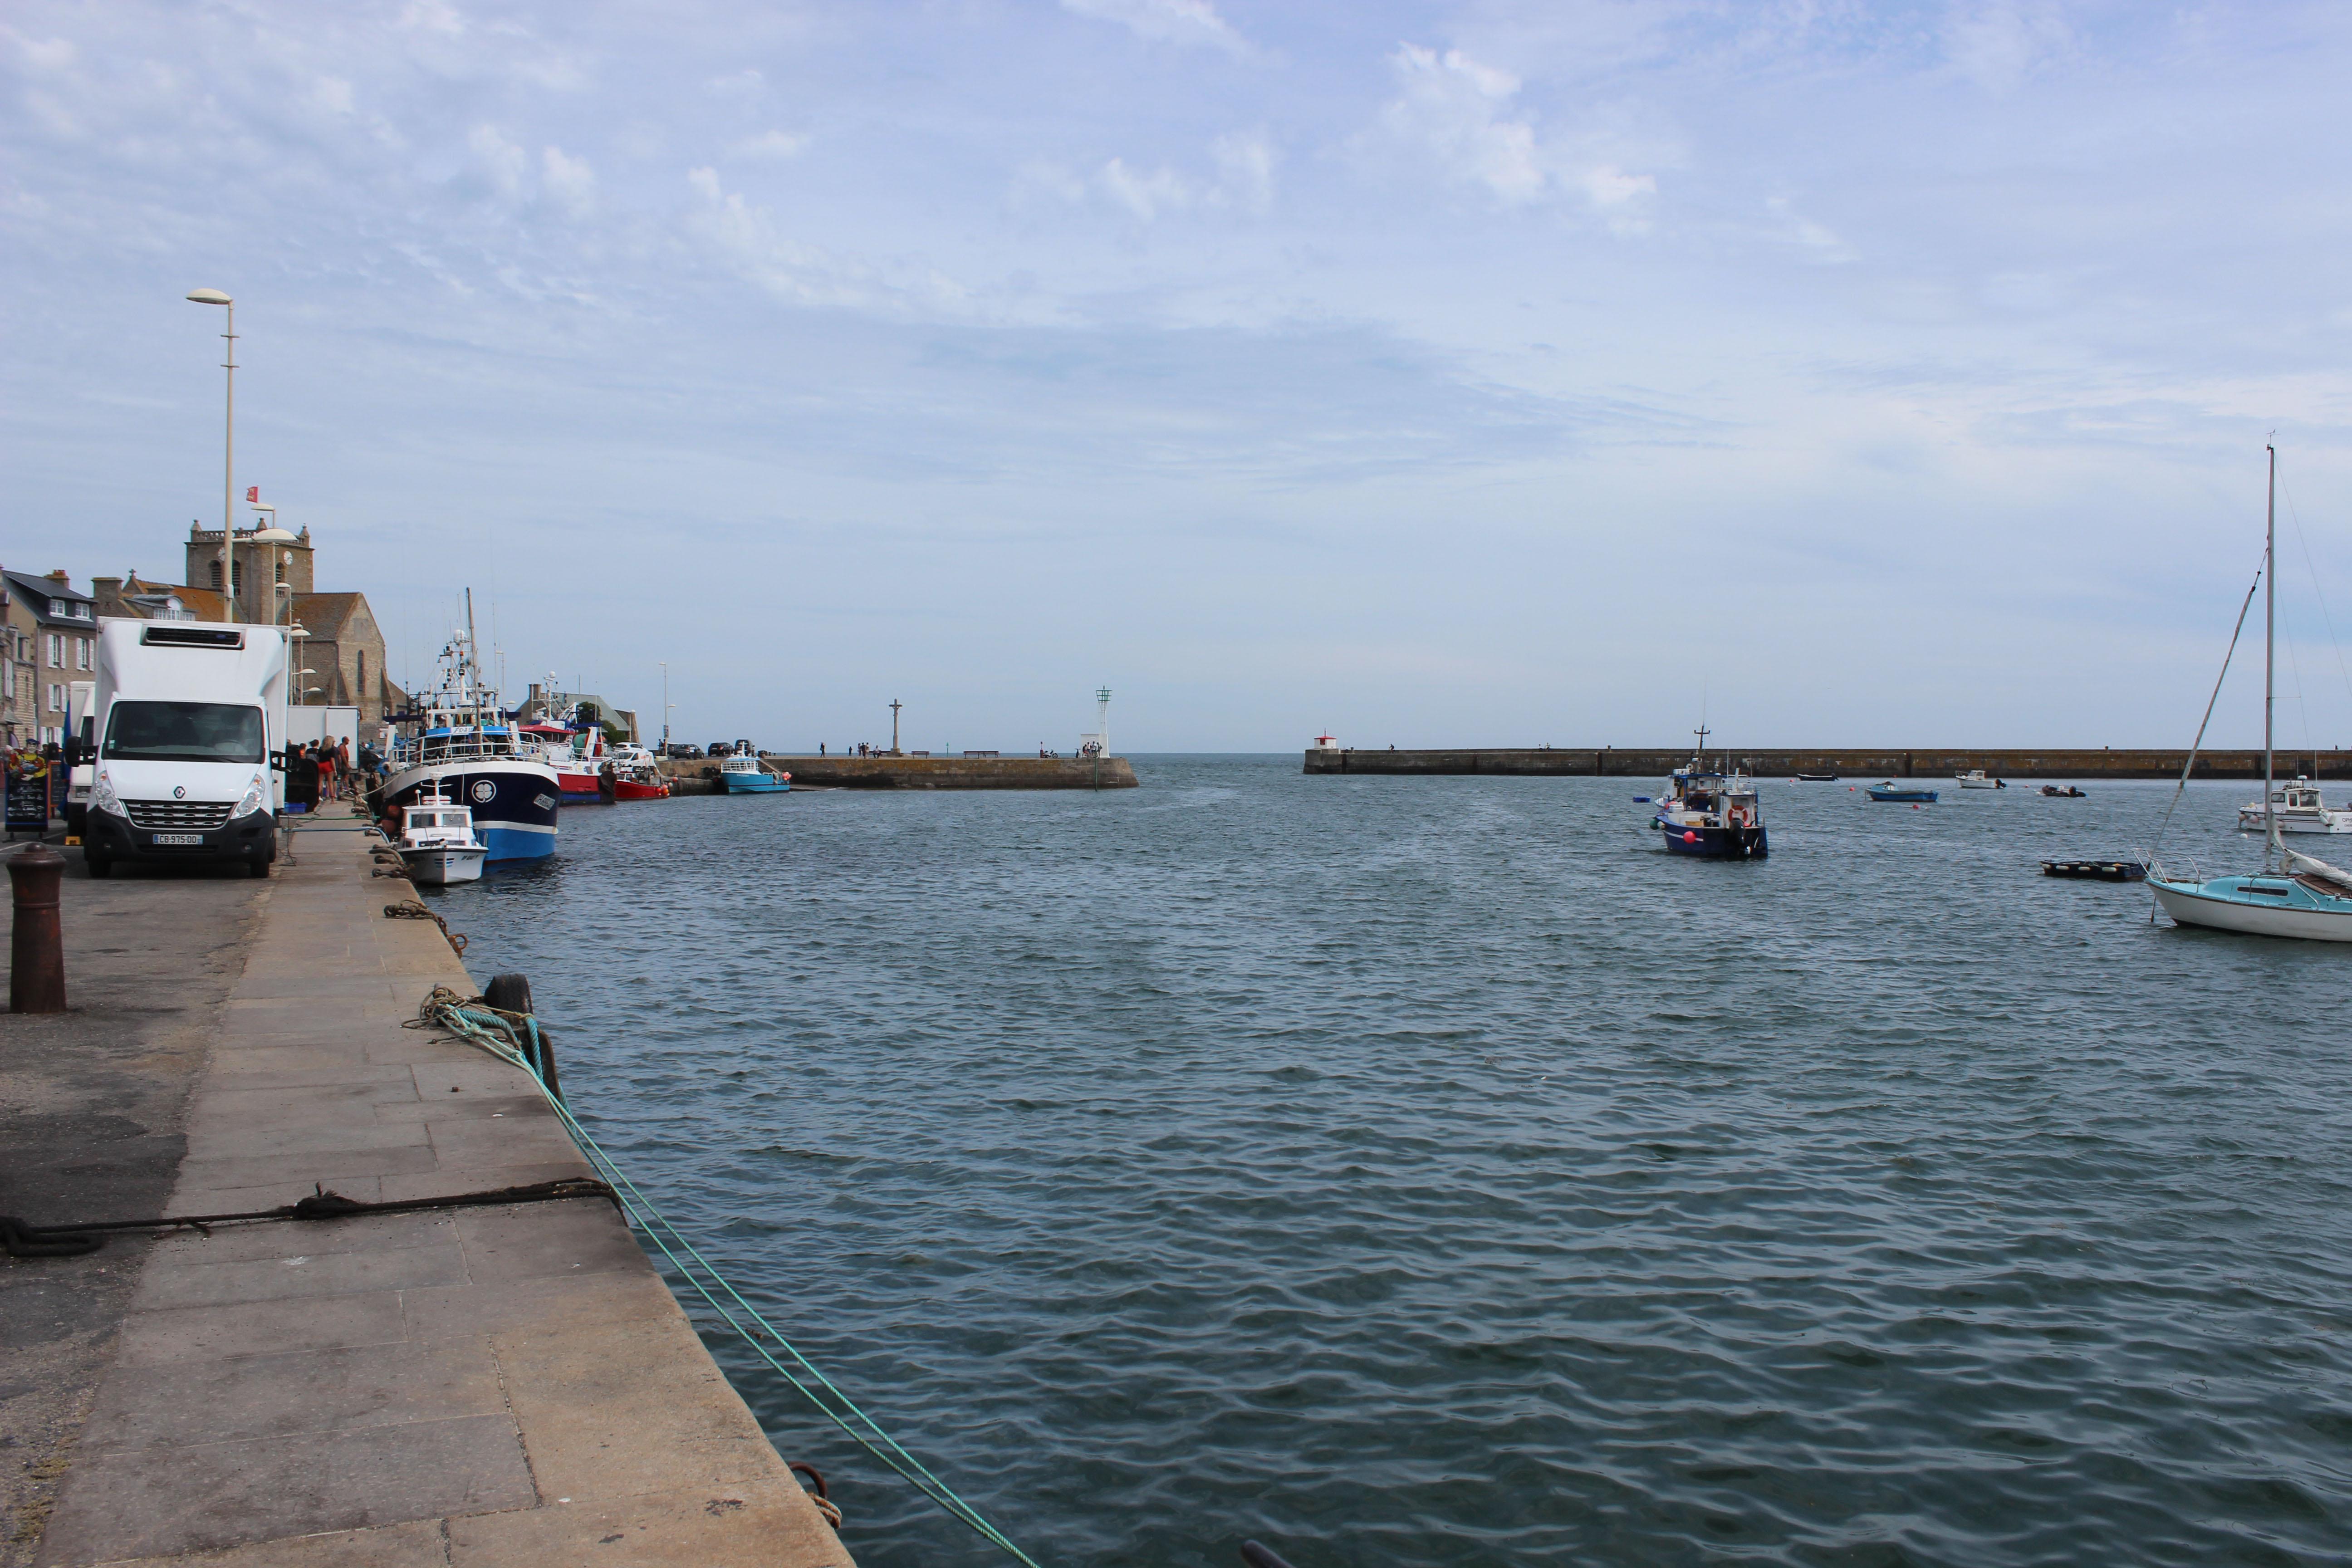 Der Hafen von Barfleur, der bei Ebbe ganz leer läuft